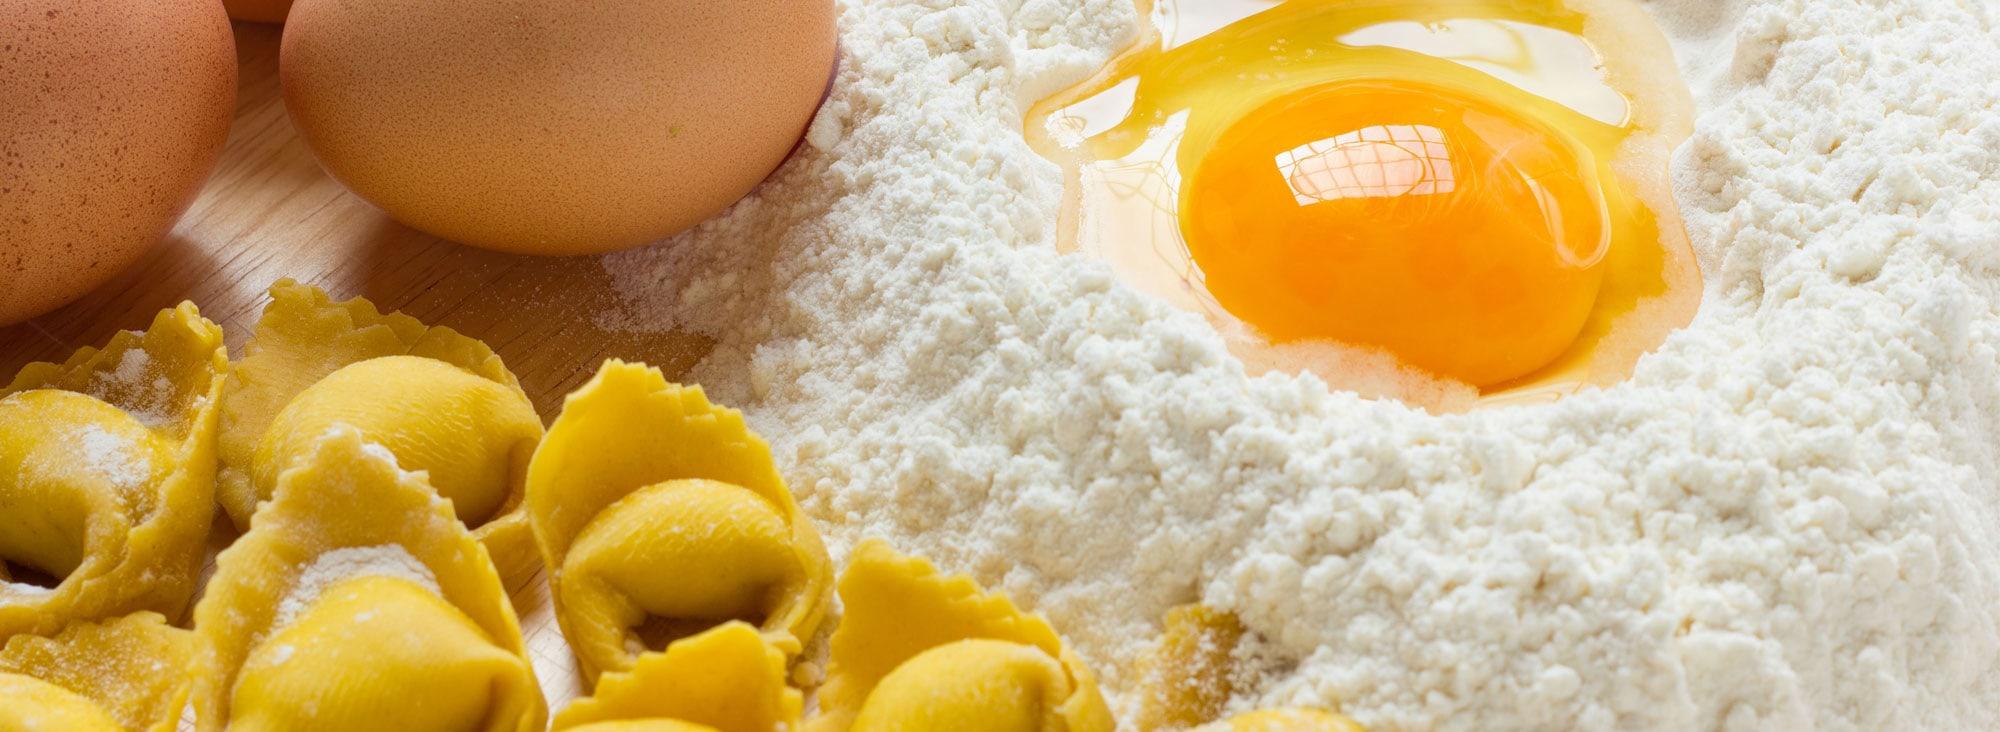 Cucina e ricette della tradizione